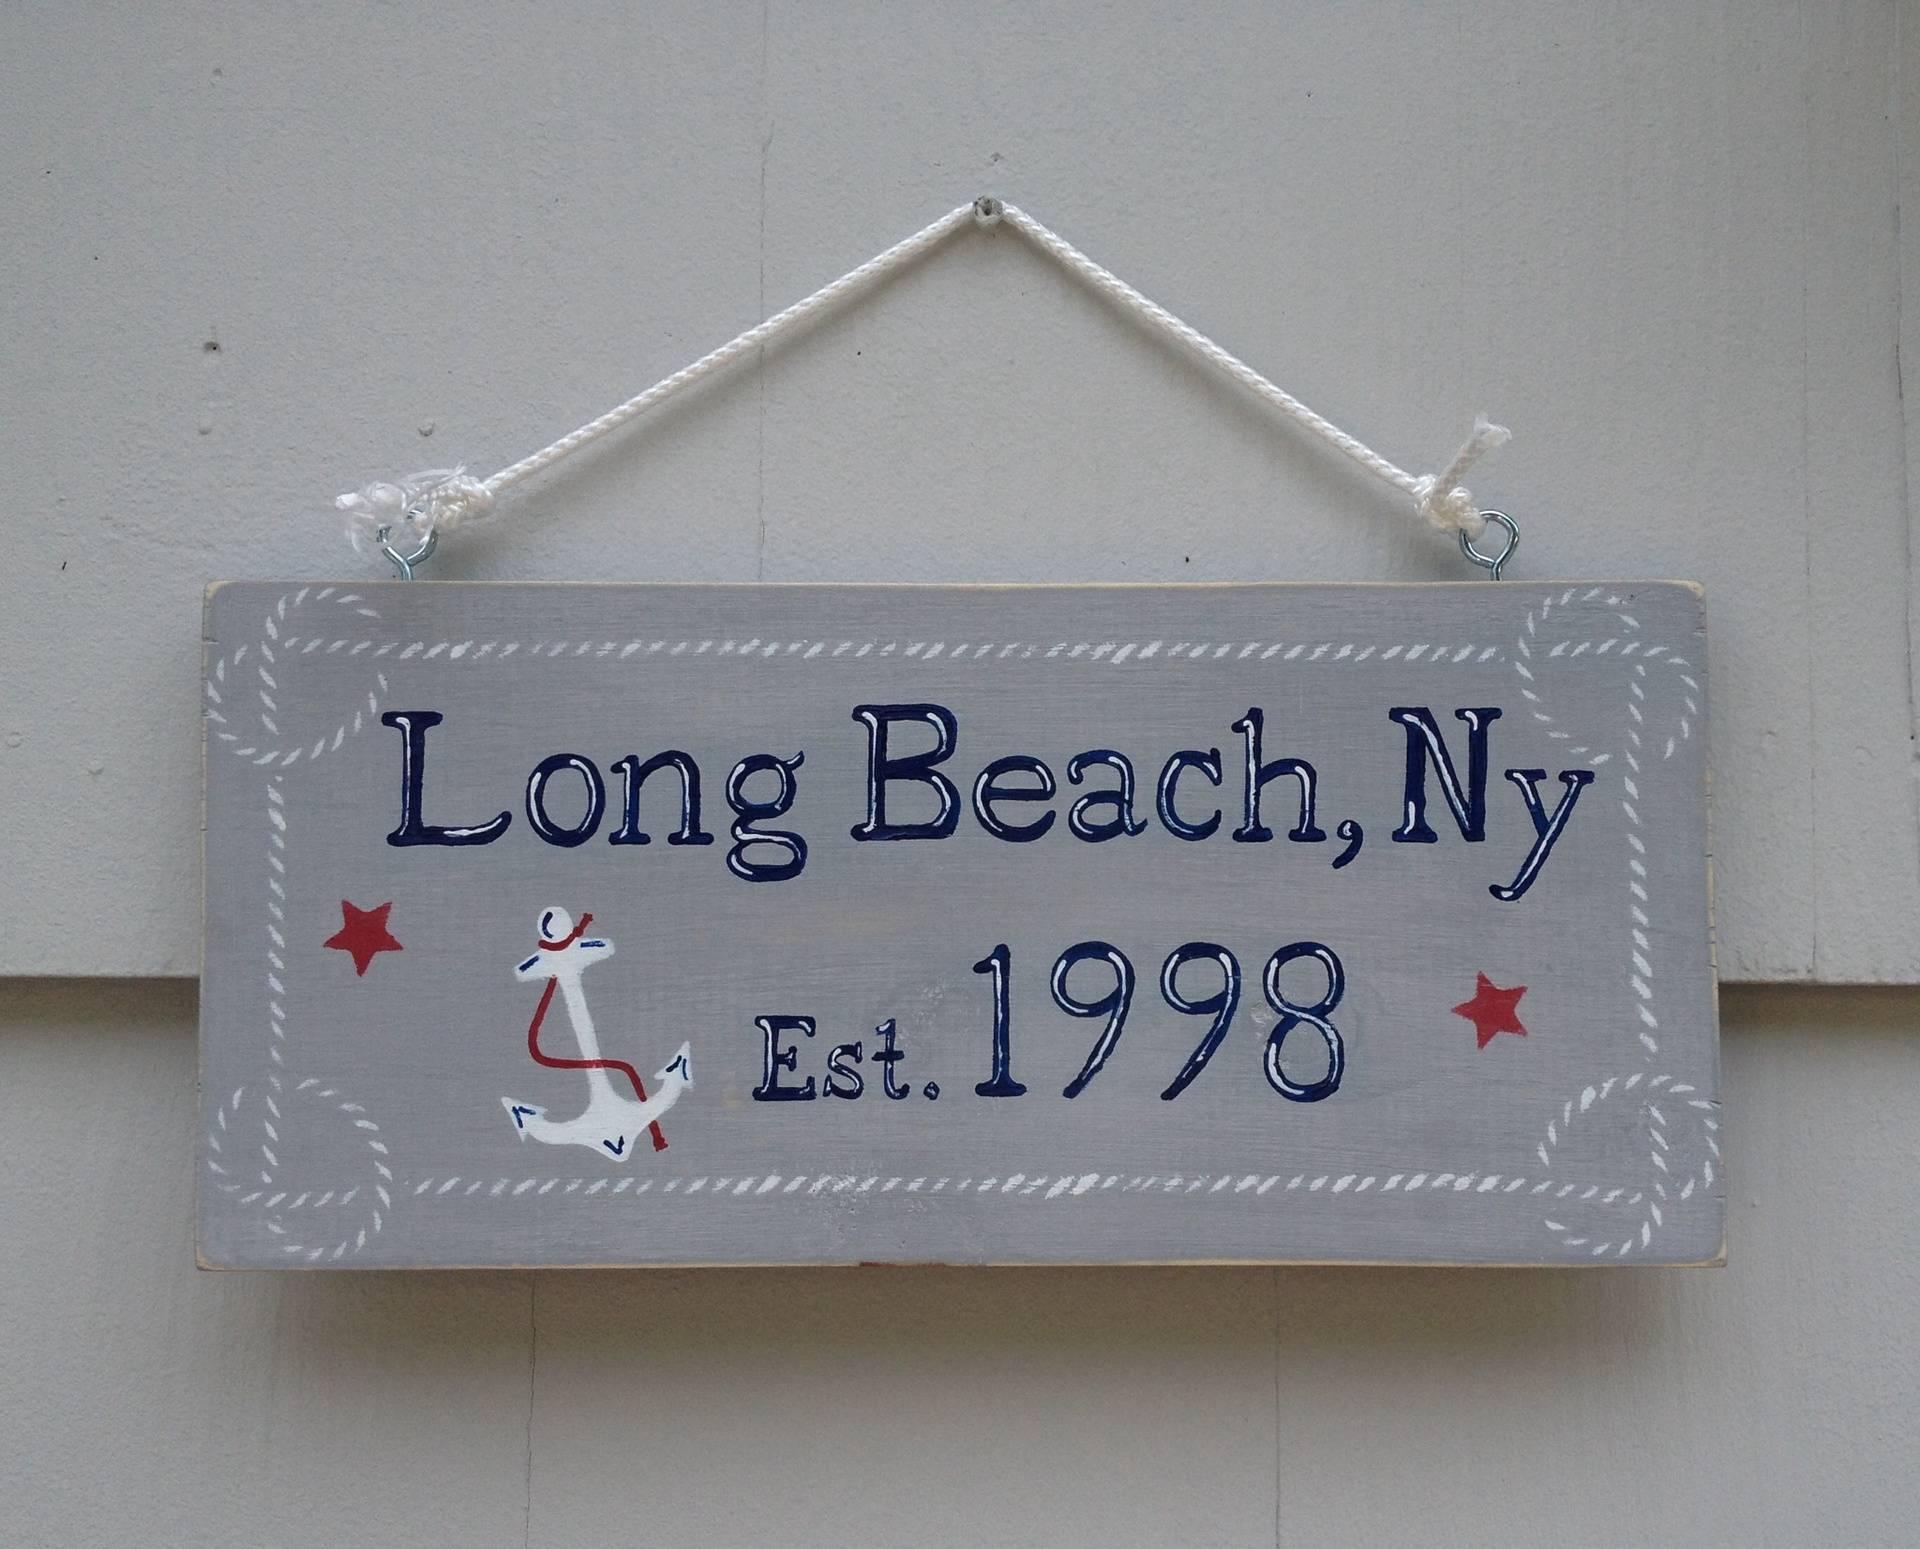 Long Beach, NY